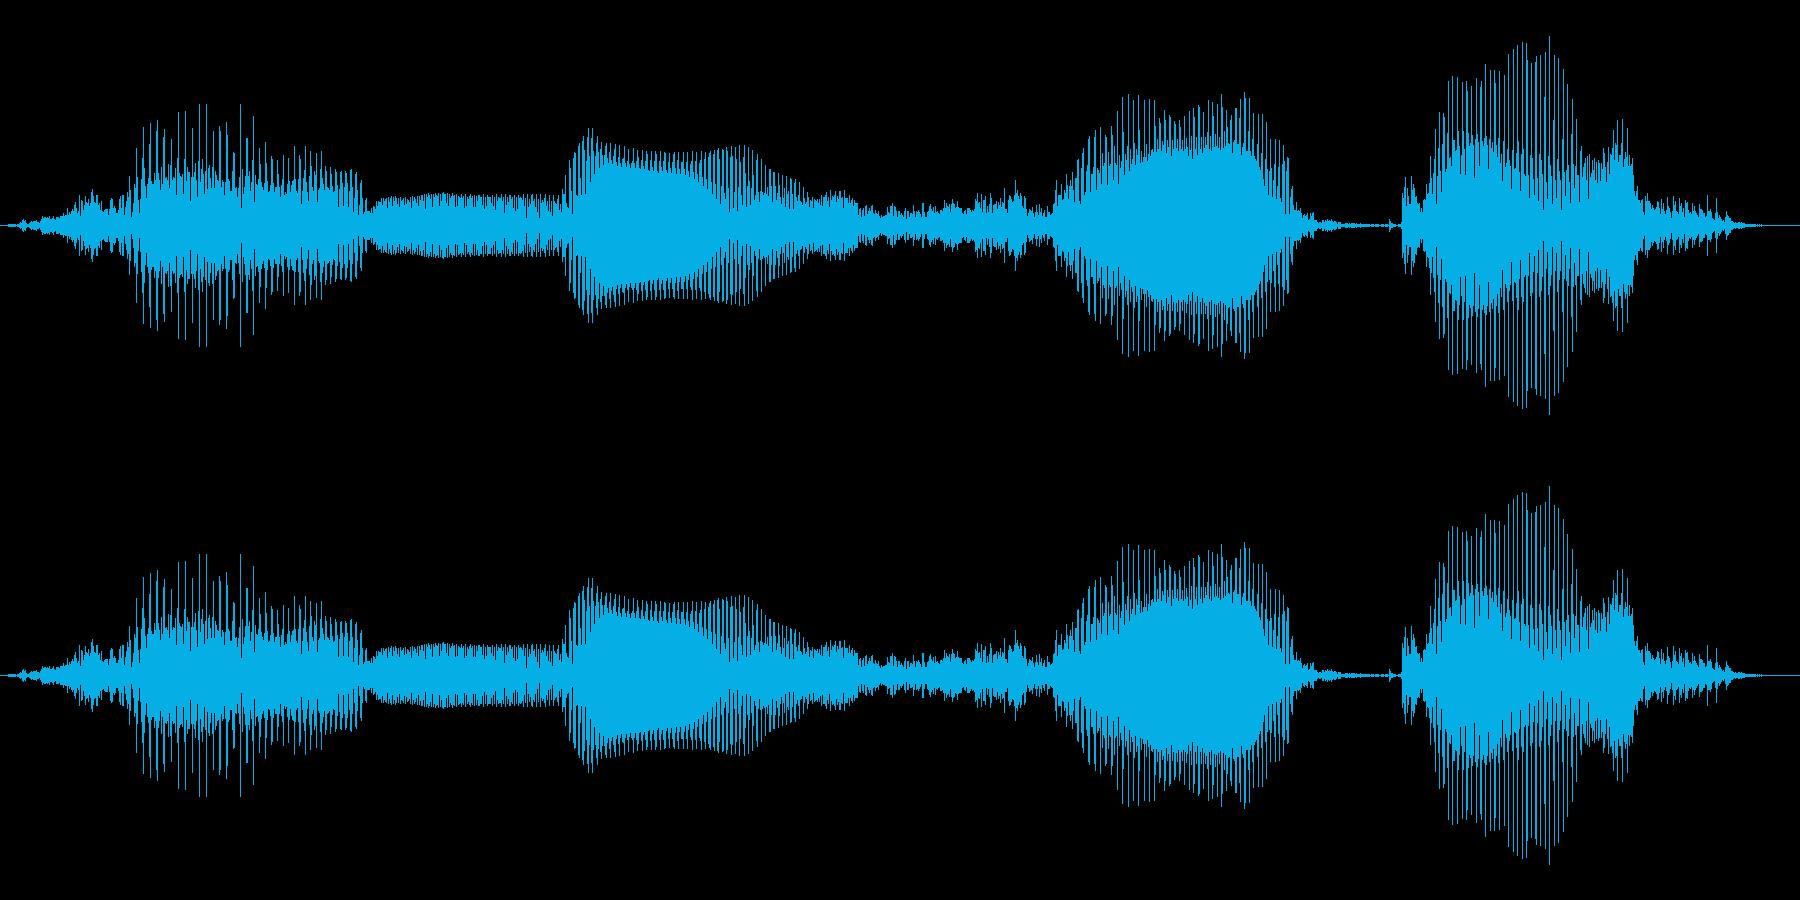 「全問正解」子供クイズアプリ男性ボイスの再生済みの波形